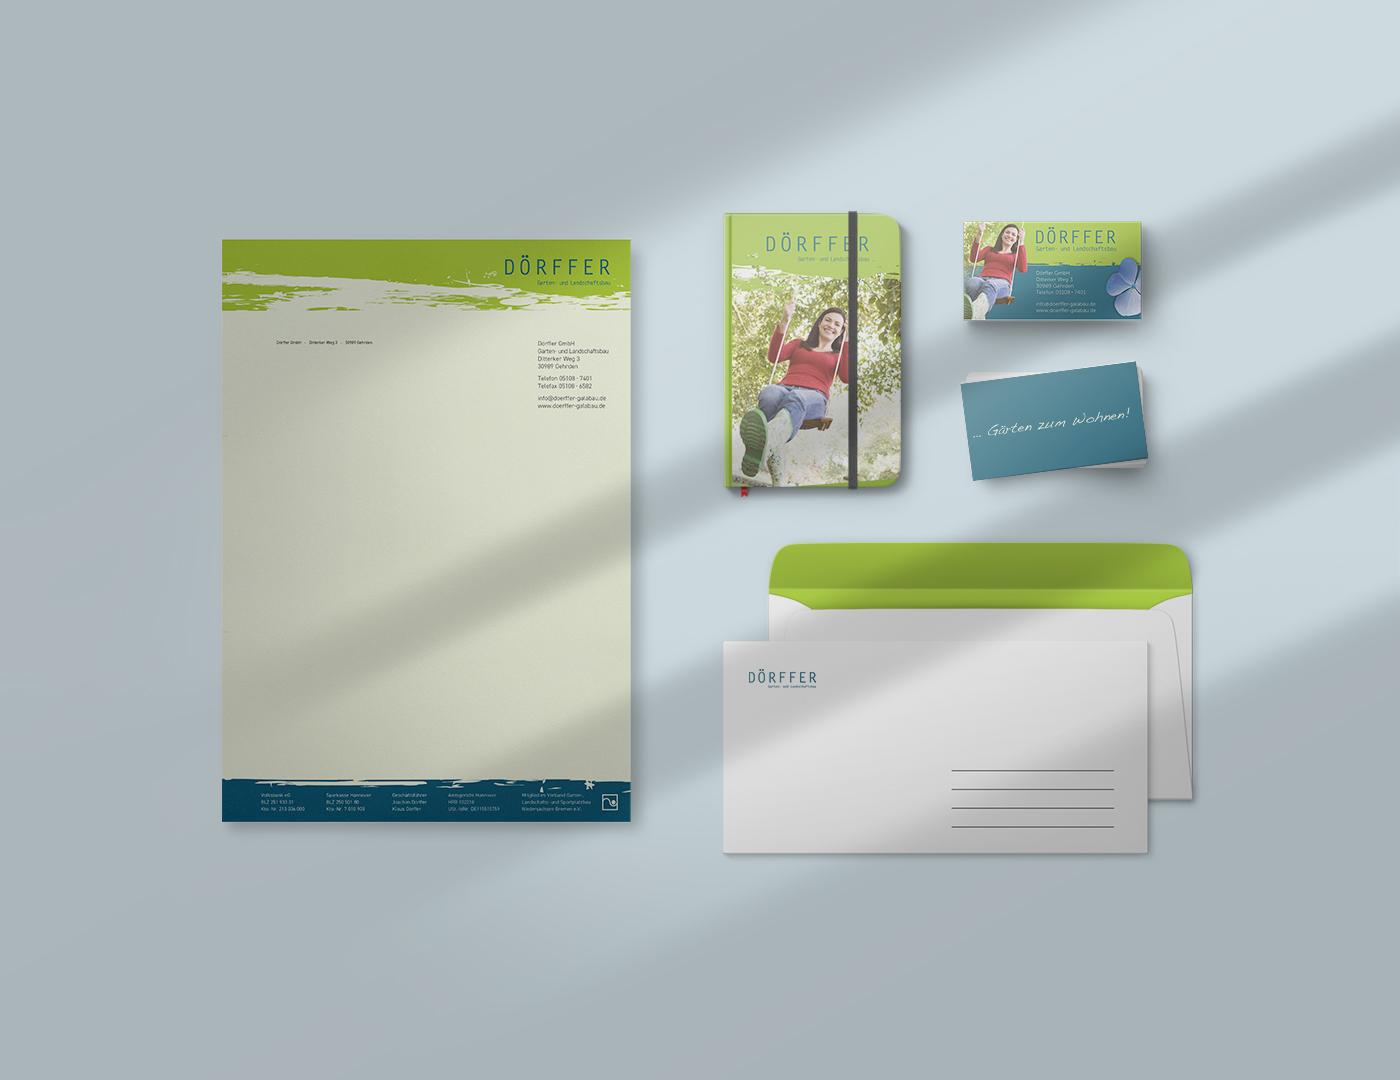 erdbrink.design-dörffer-branding